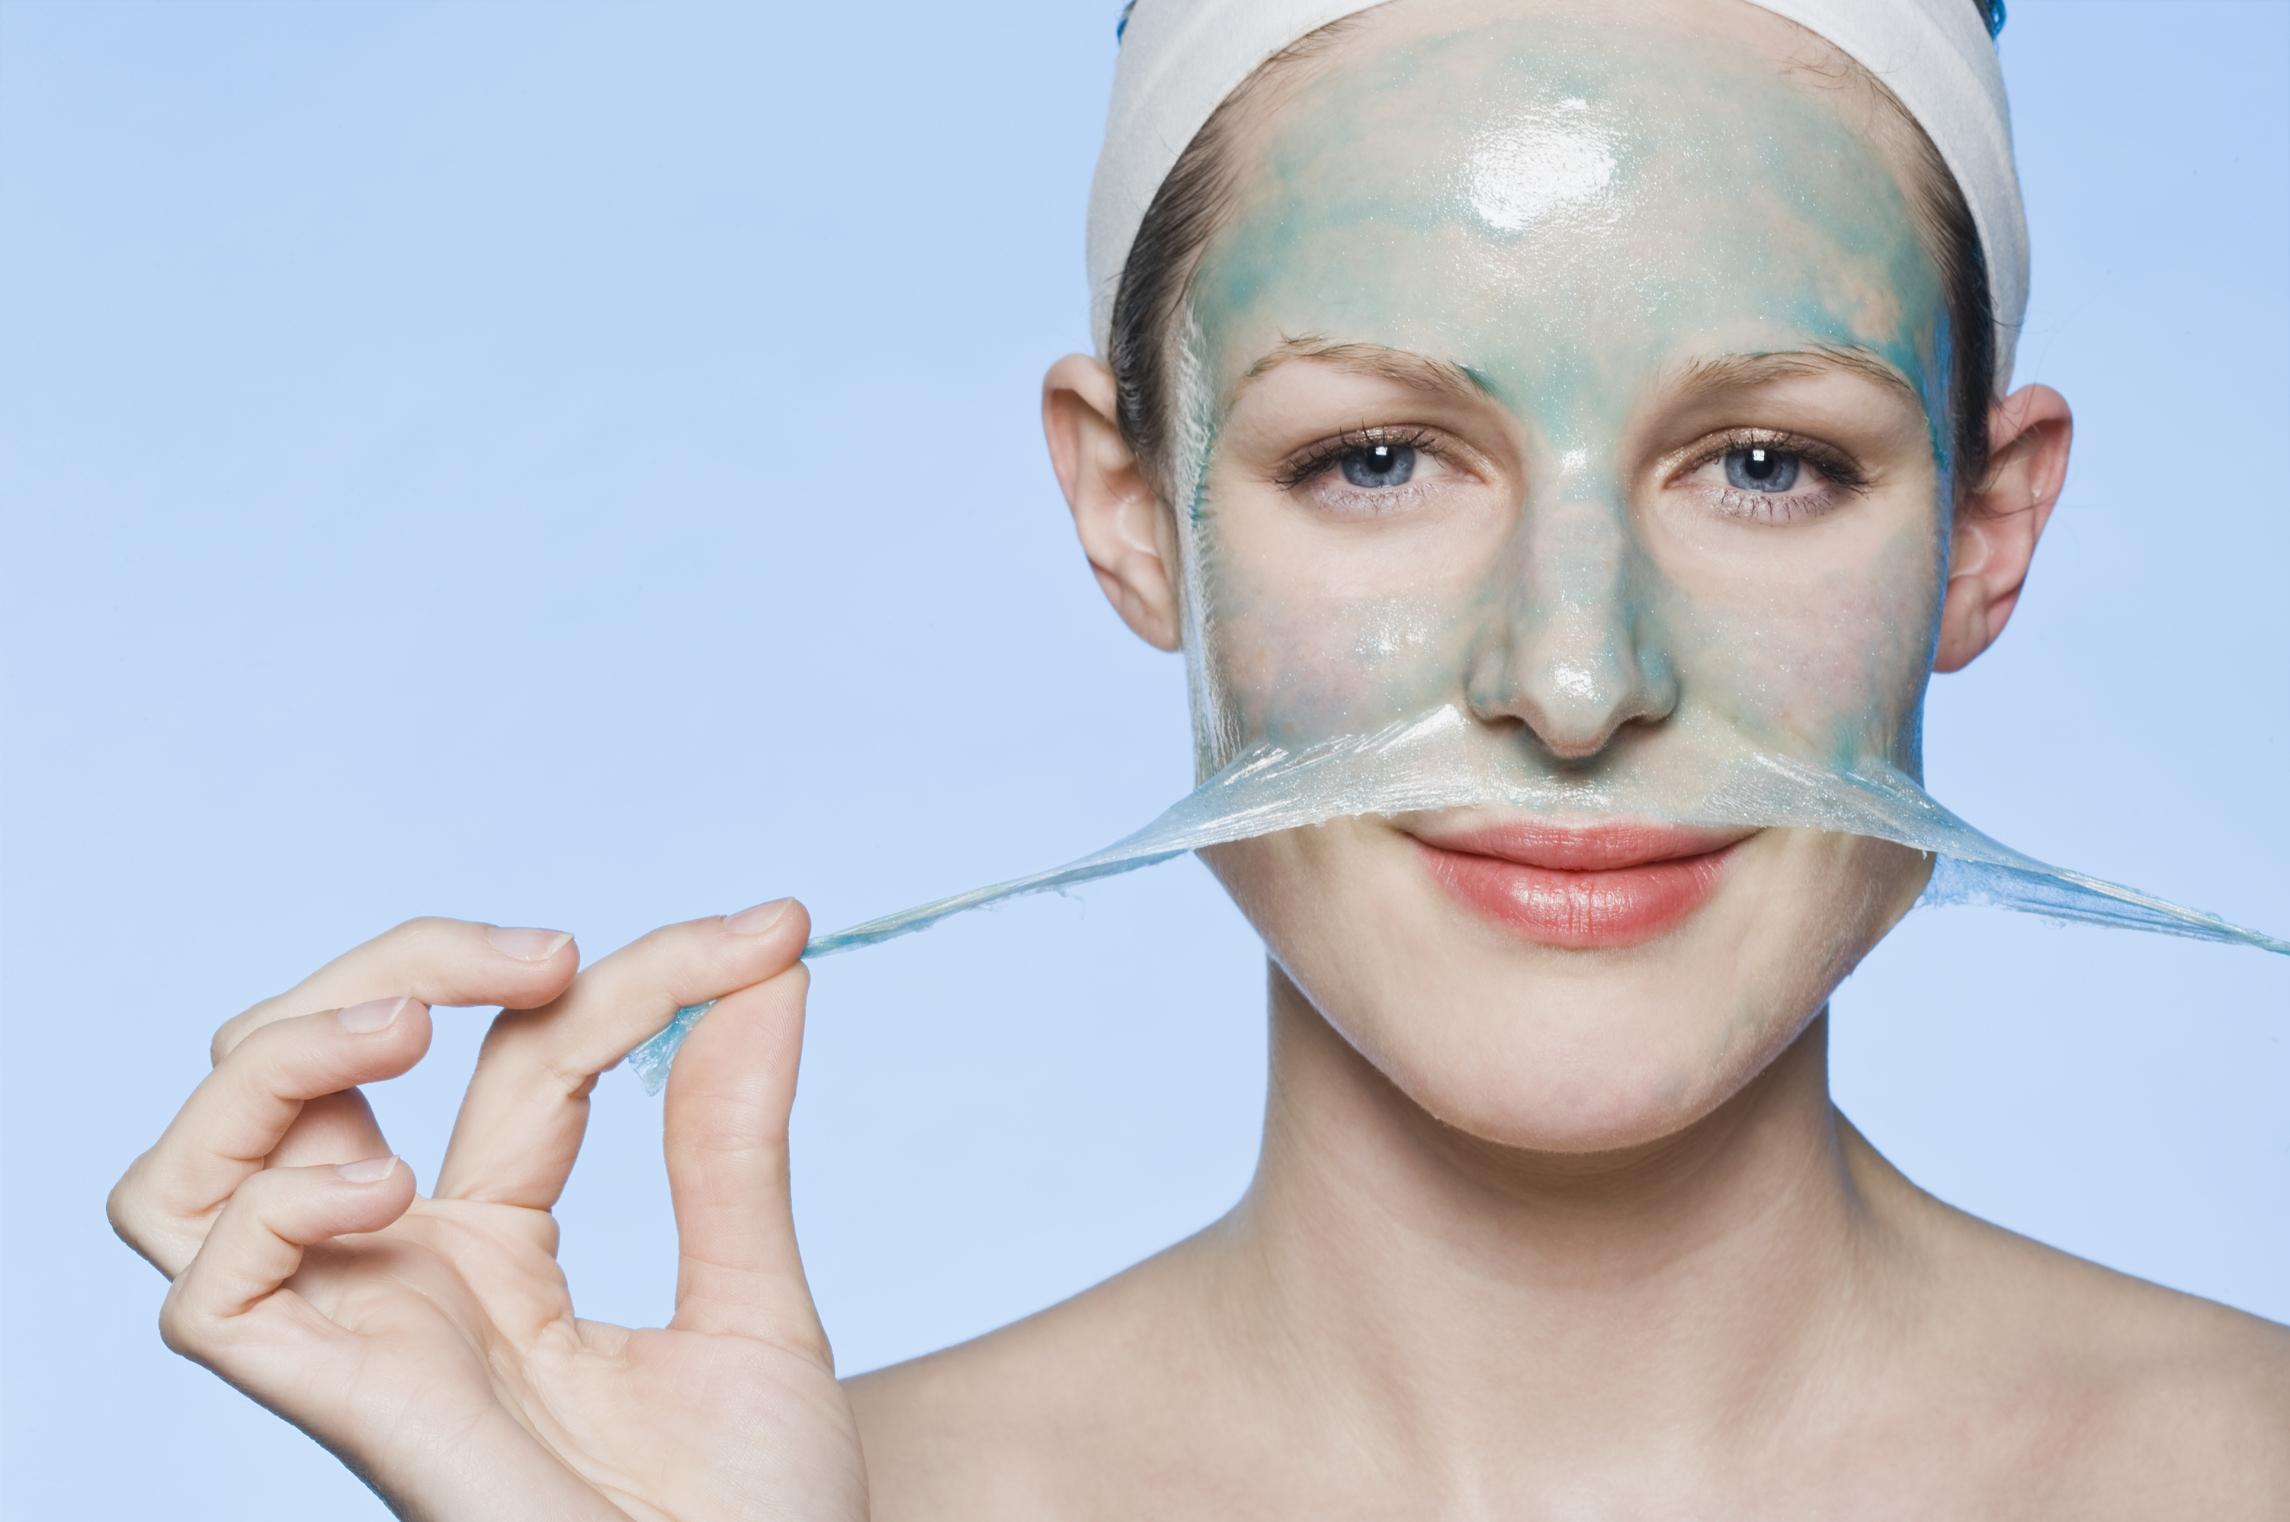 Как правильно держать в порядке и тонусе жирную кожу лица